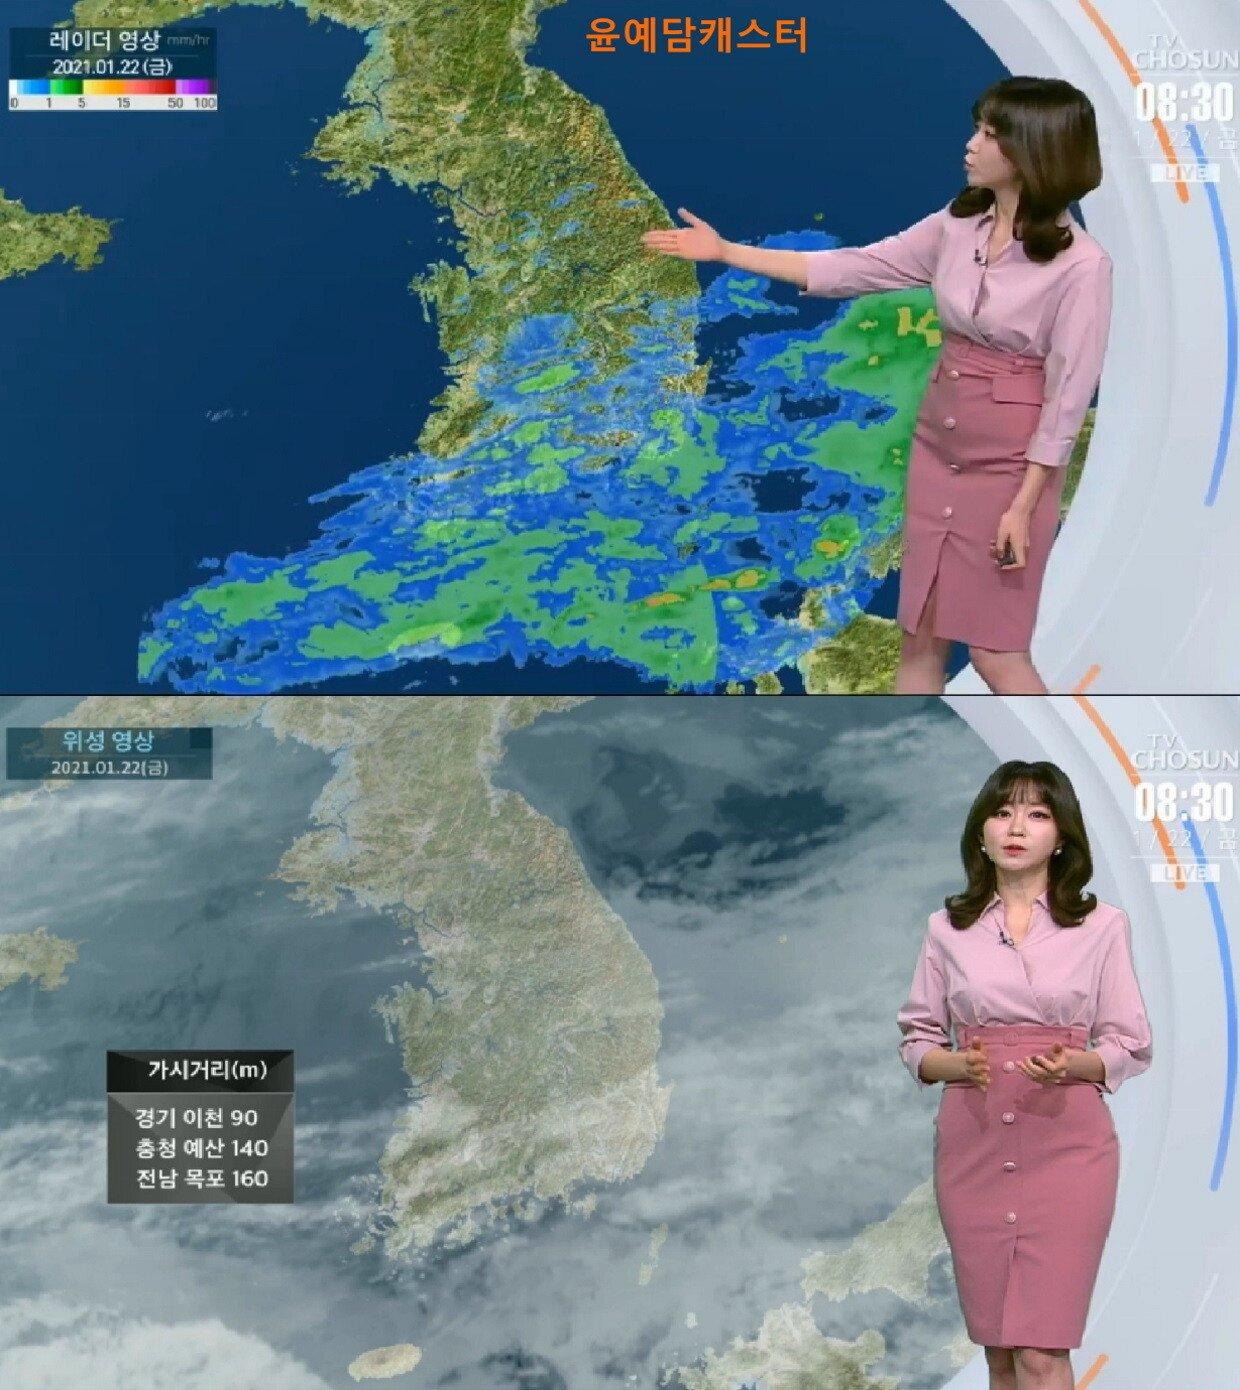 아침31.jpg 오늘 오후부터 내일 오후 남부 및 동해안 중심 비 또는 눈 (중서부 미세먼지)